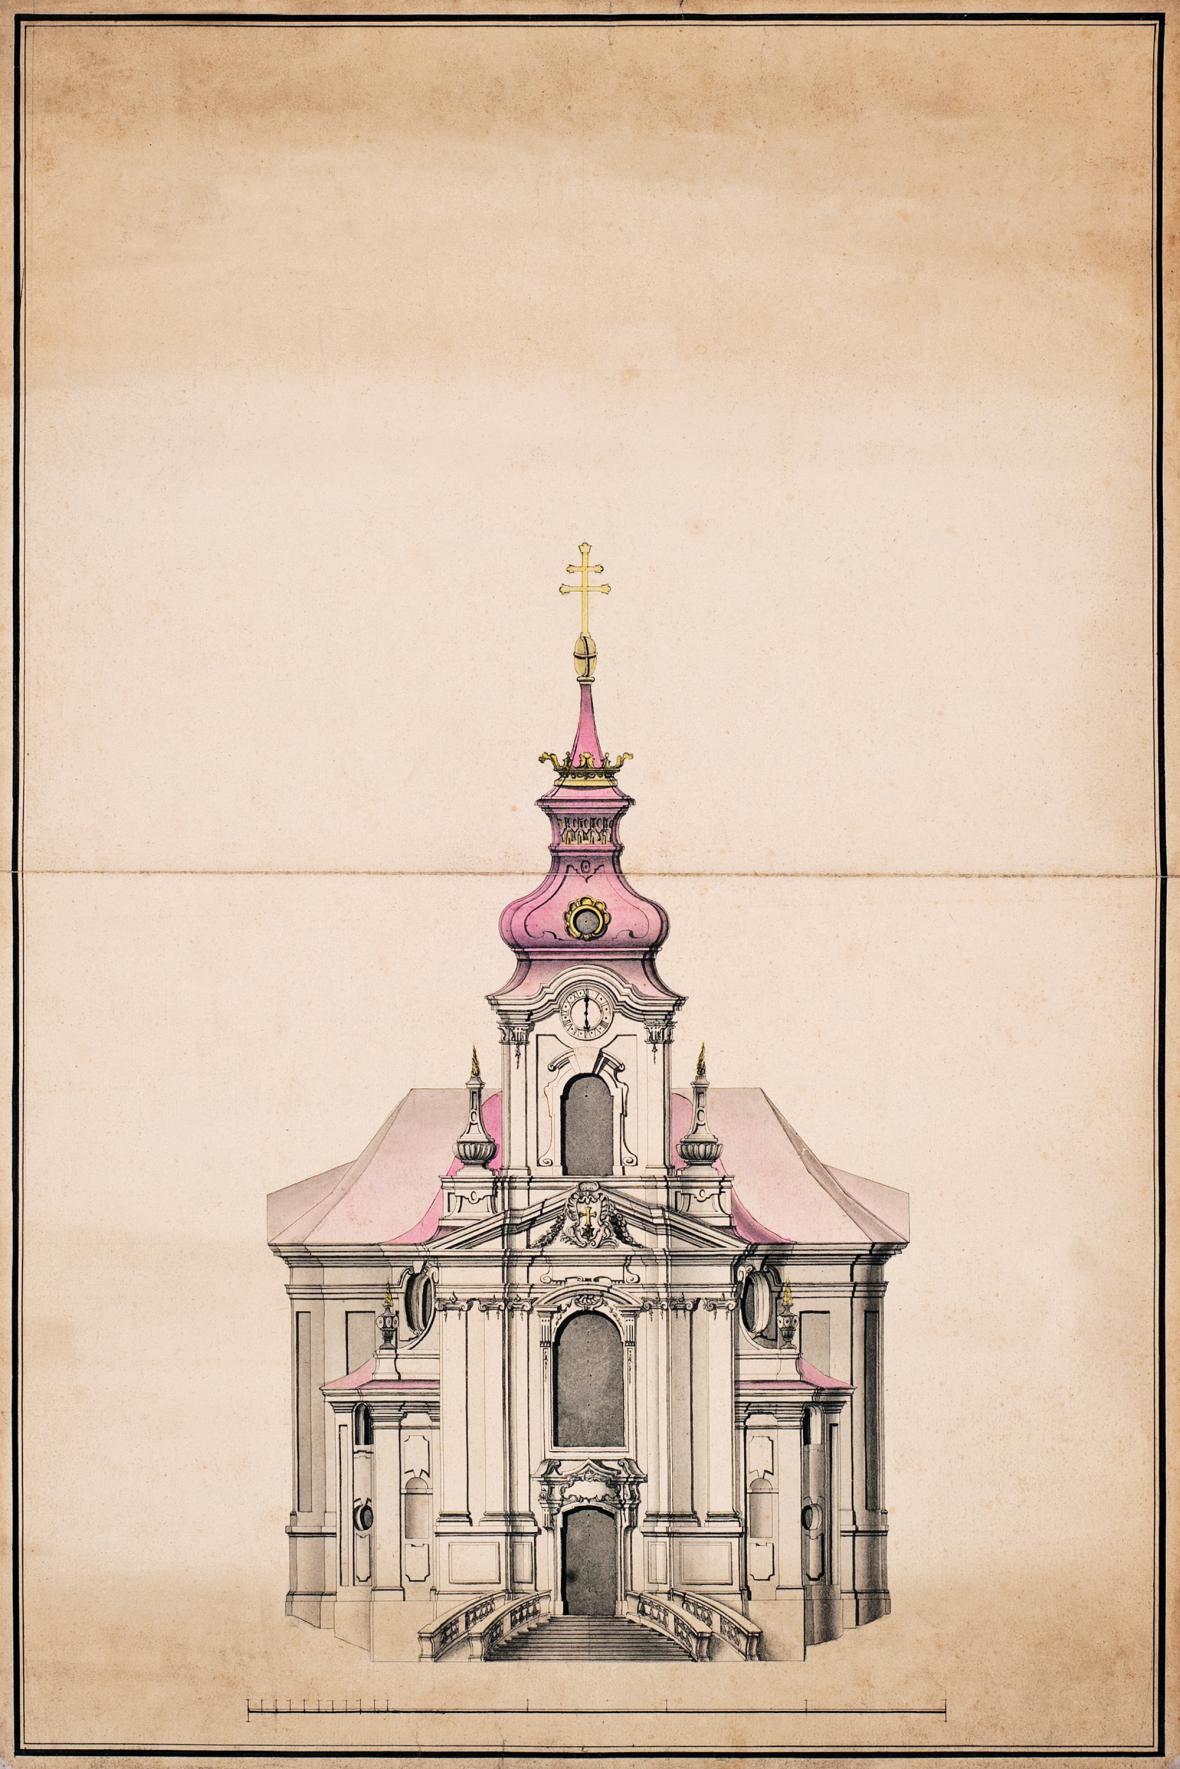 Nárys průčelí kostela sv. Máří Magdalény